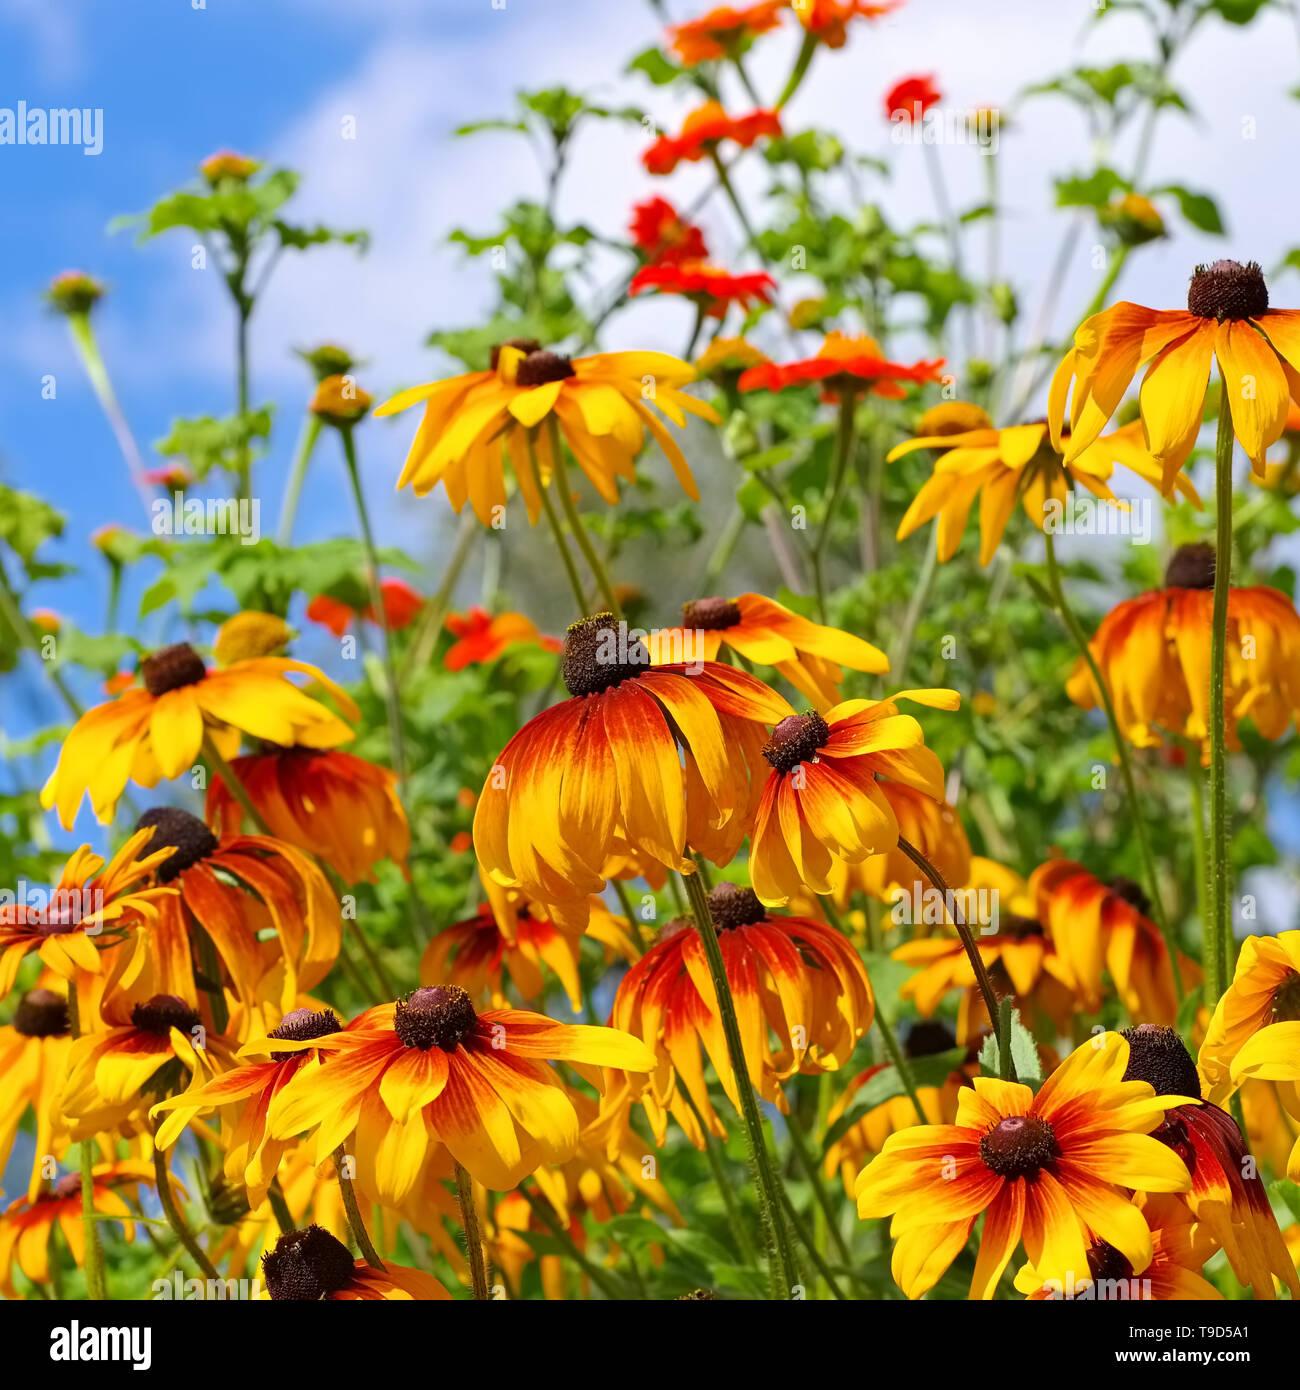 Sonnenhut - black-eyed Susan flower in summer garden - Stock Image